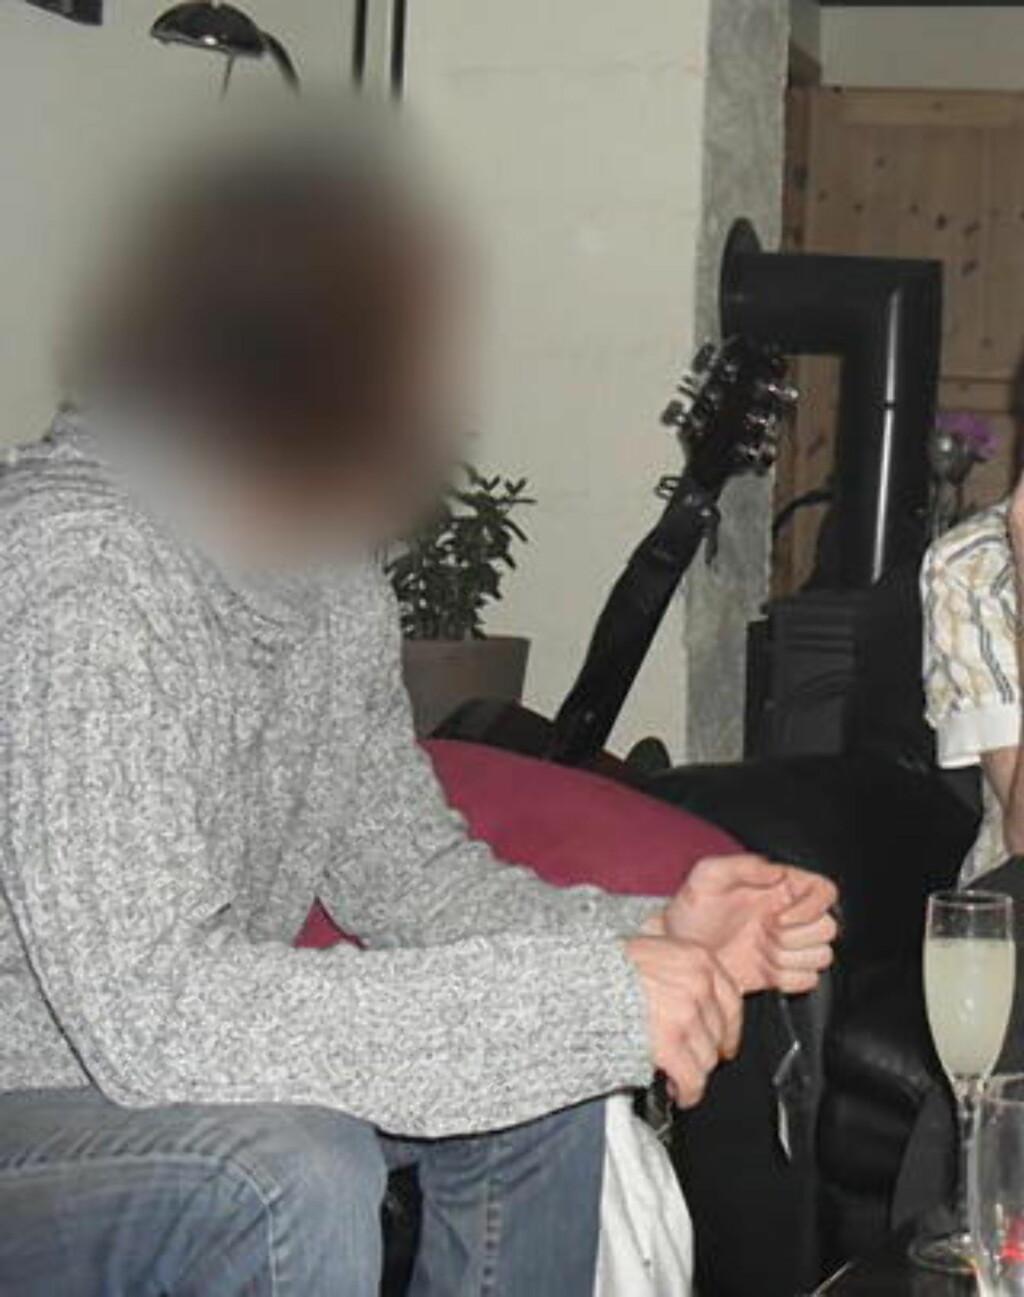 SNAKKER PÅ OPPTAKET: Denne 36-åringen fra Lyngdal snakker på opptaket som ble levert inn til politiet i sommer, og som var årsaken til at de andre tre ble pågrepet og siktet for drapet på Tina Jørgensen natt til 24. september 2000. Foto: Privat